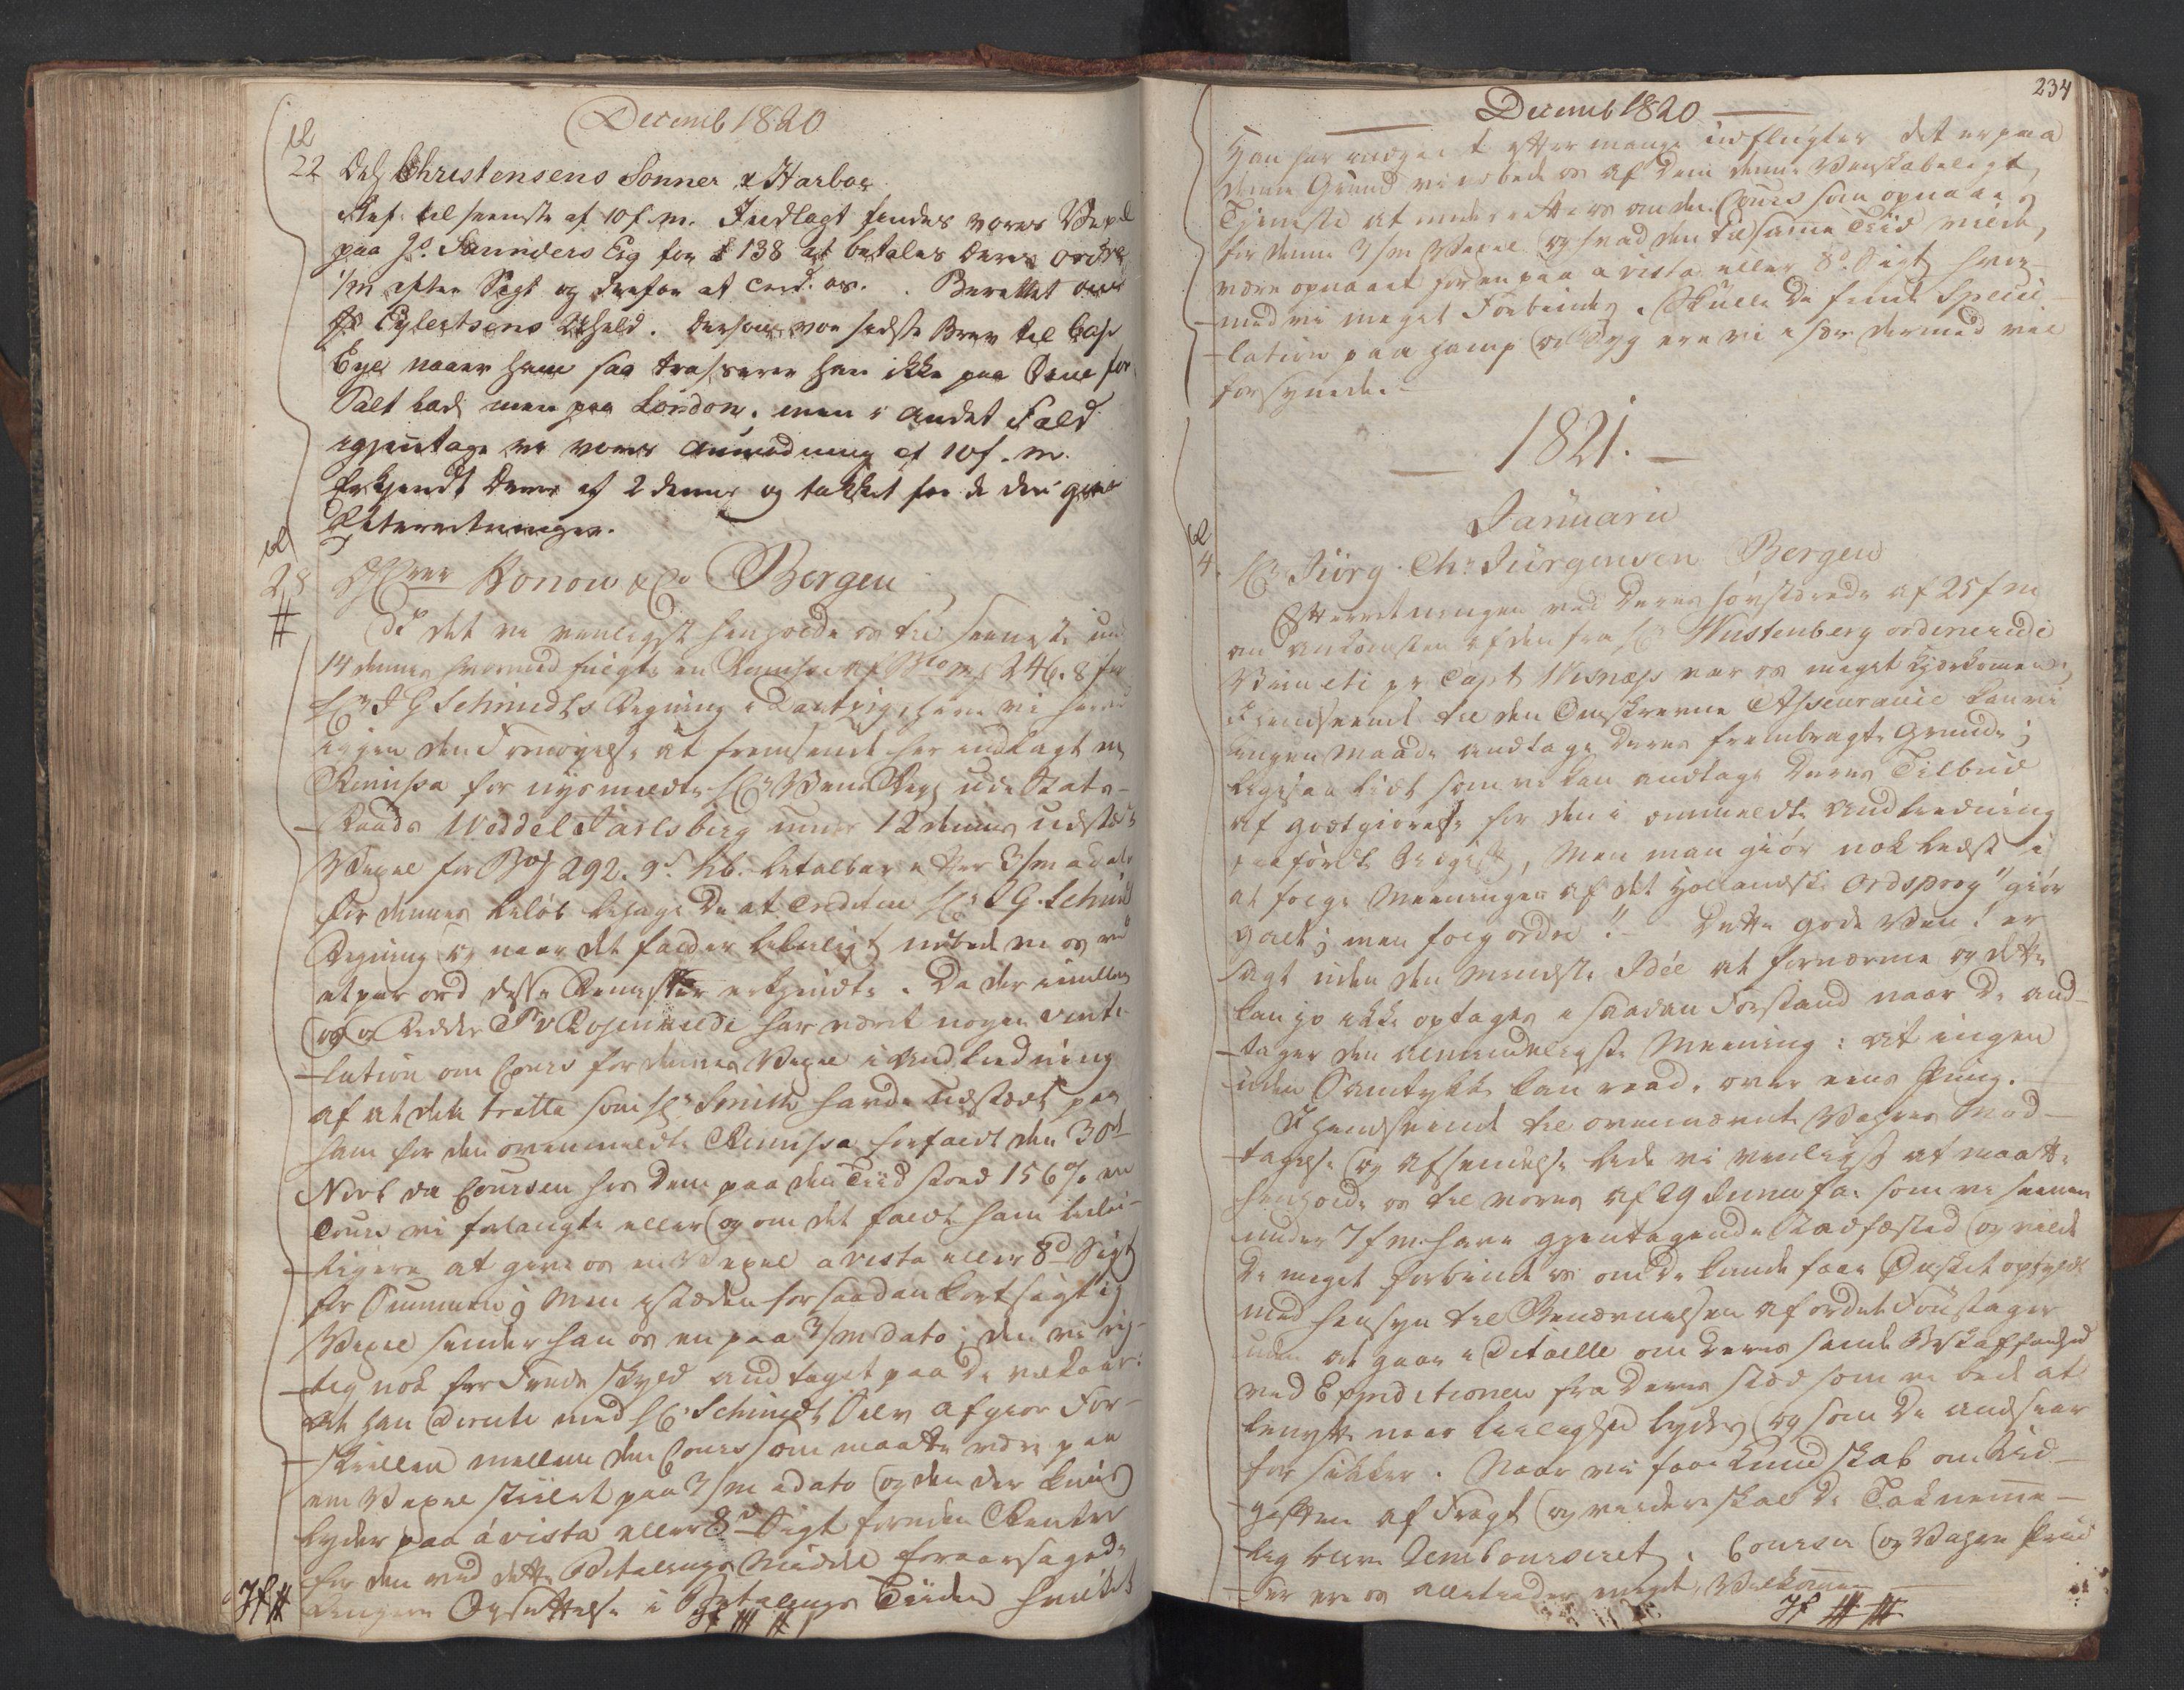 SAST, Pa 0003 - Ploug & Sundt, handelshuset, B/L0010: Kopibok, 1816-1822, s. 233b-234a